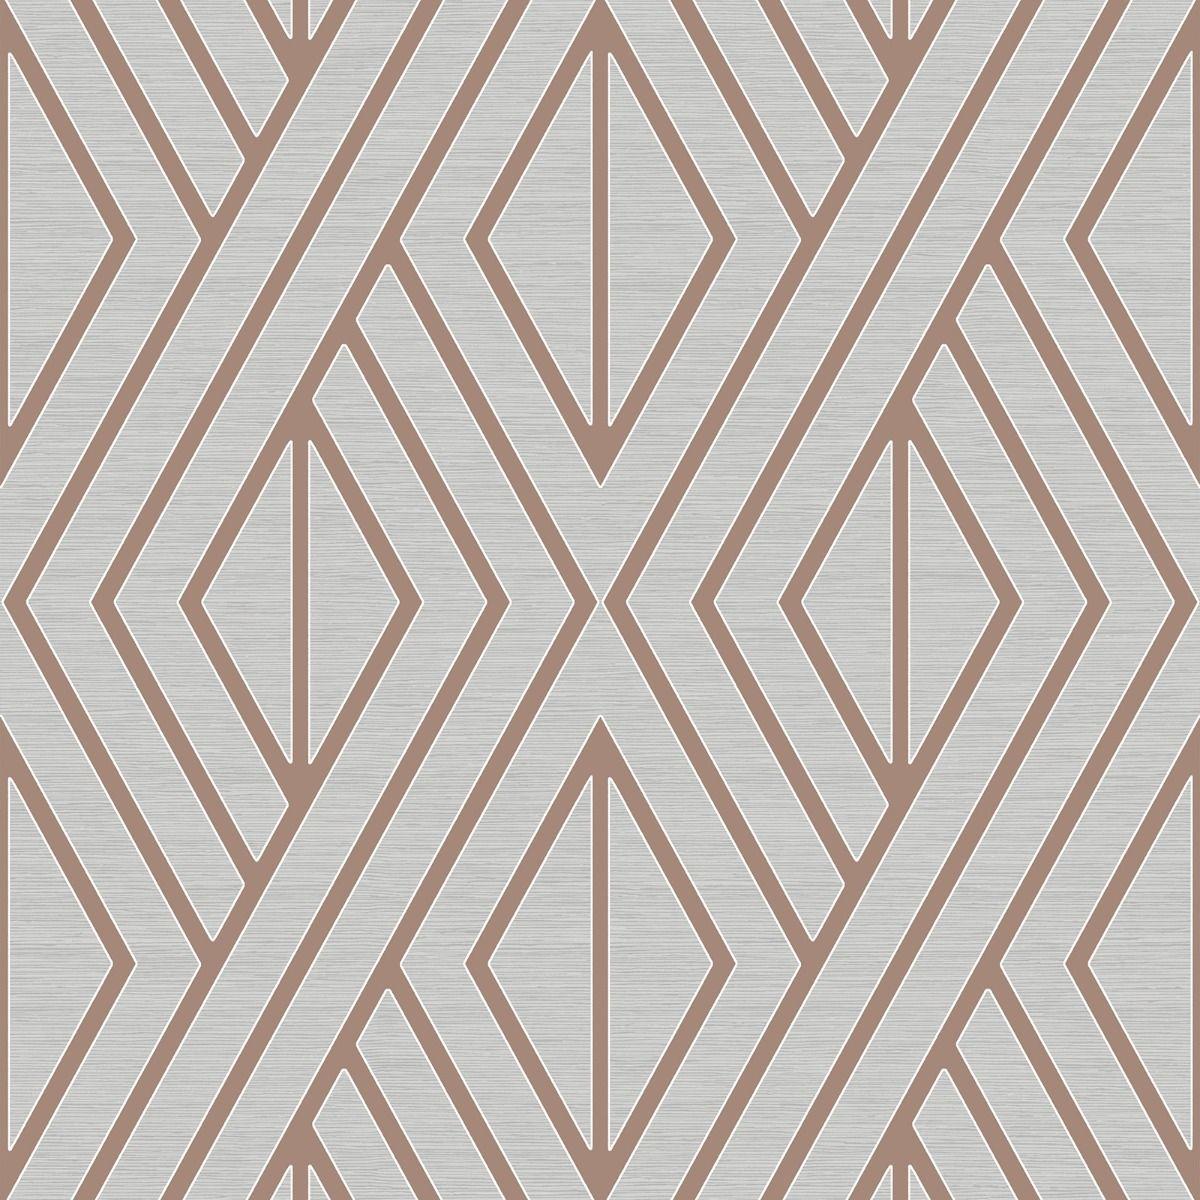 Papel de Parede Shimmer Geométrico UK30506 - Rolo: 10m x 0,52m